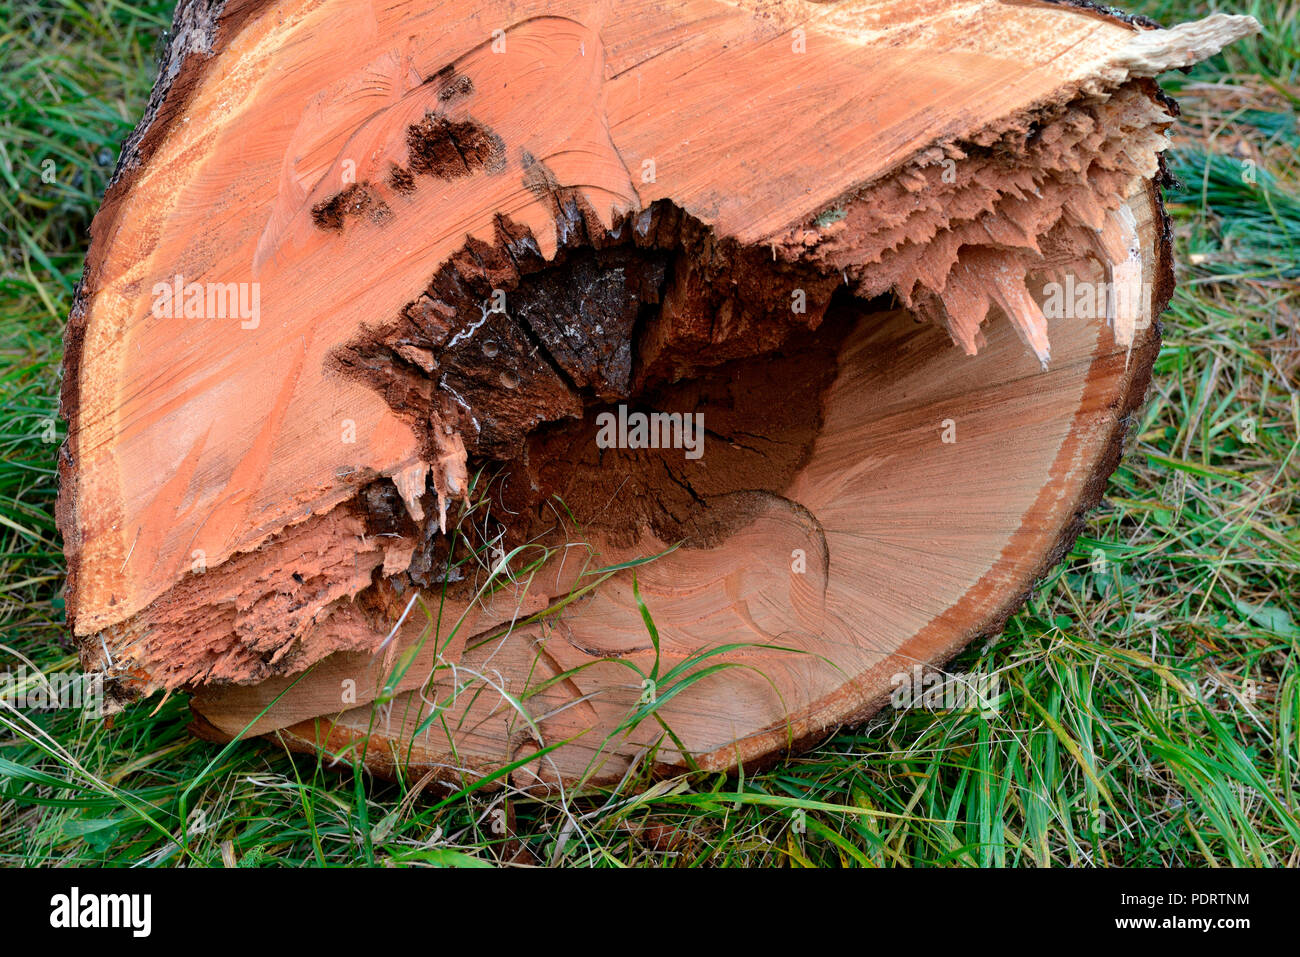 Gefaellter Baum mit krankem Kern, Stammquerschnitt, Braunfaeule, Baumschaden, Baumkrankheit Stockbild